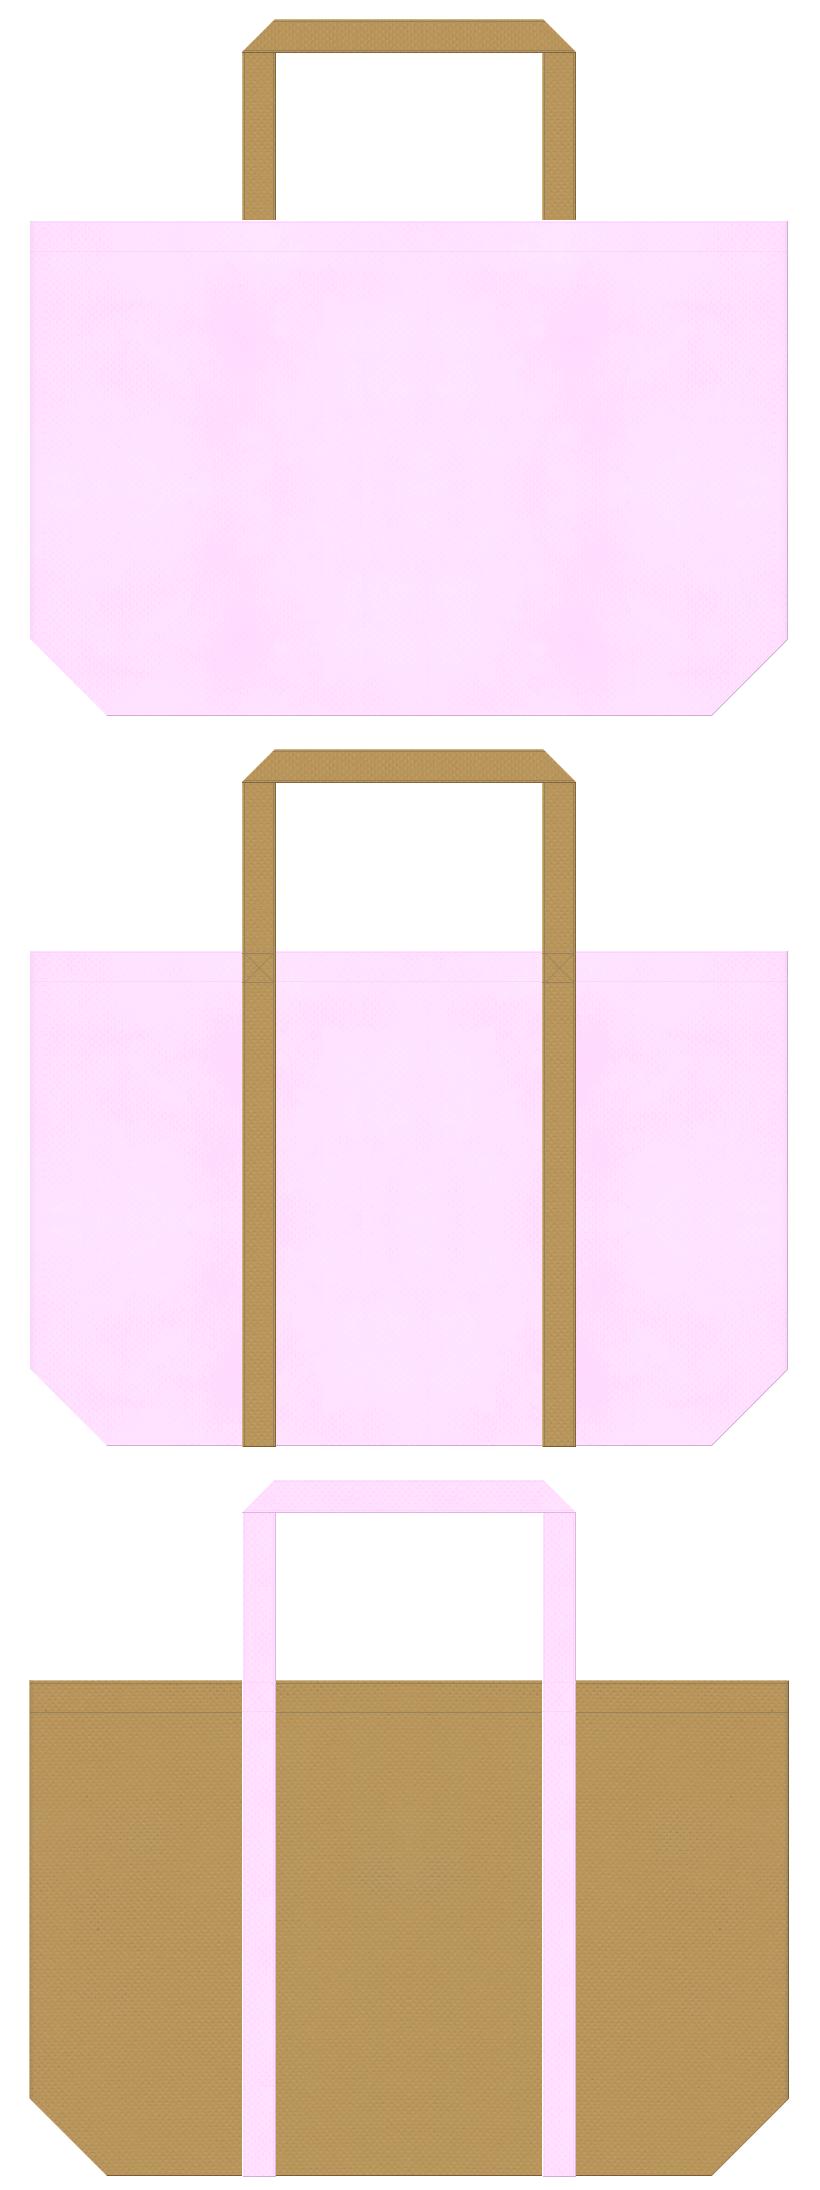 ペットショップ・ペットサロン・ペット用品・ペットフード・アニマルケア・絵本・おとぎ話・子鹿・子犬・ガーリーデザインにお奨めの不織布バッグデザイン:明るいピンク色と金黄土色のコーデ